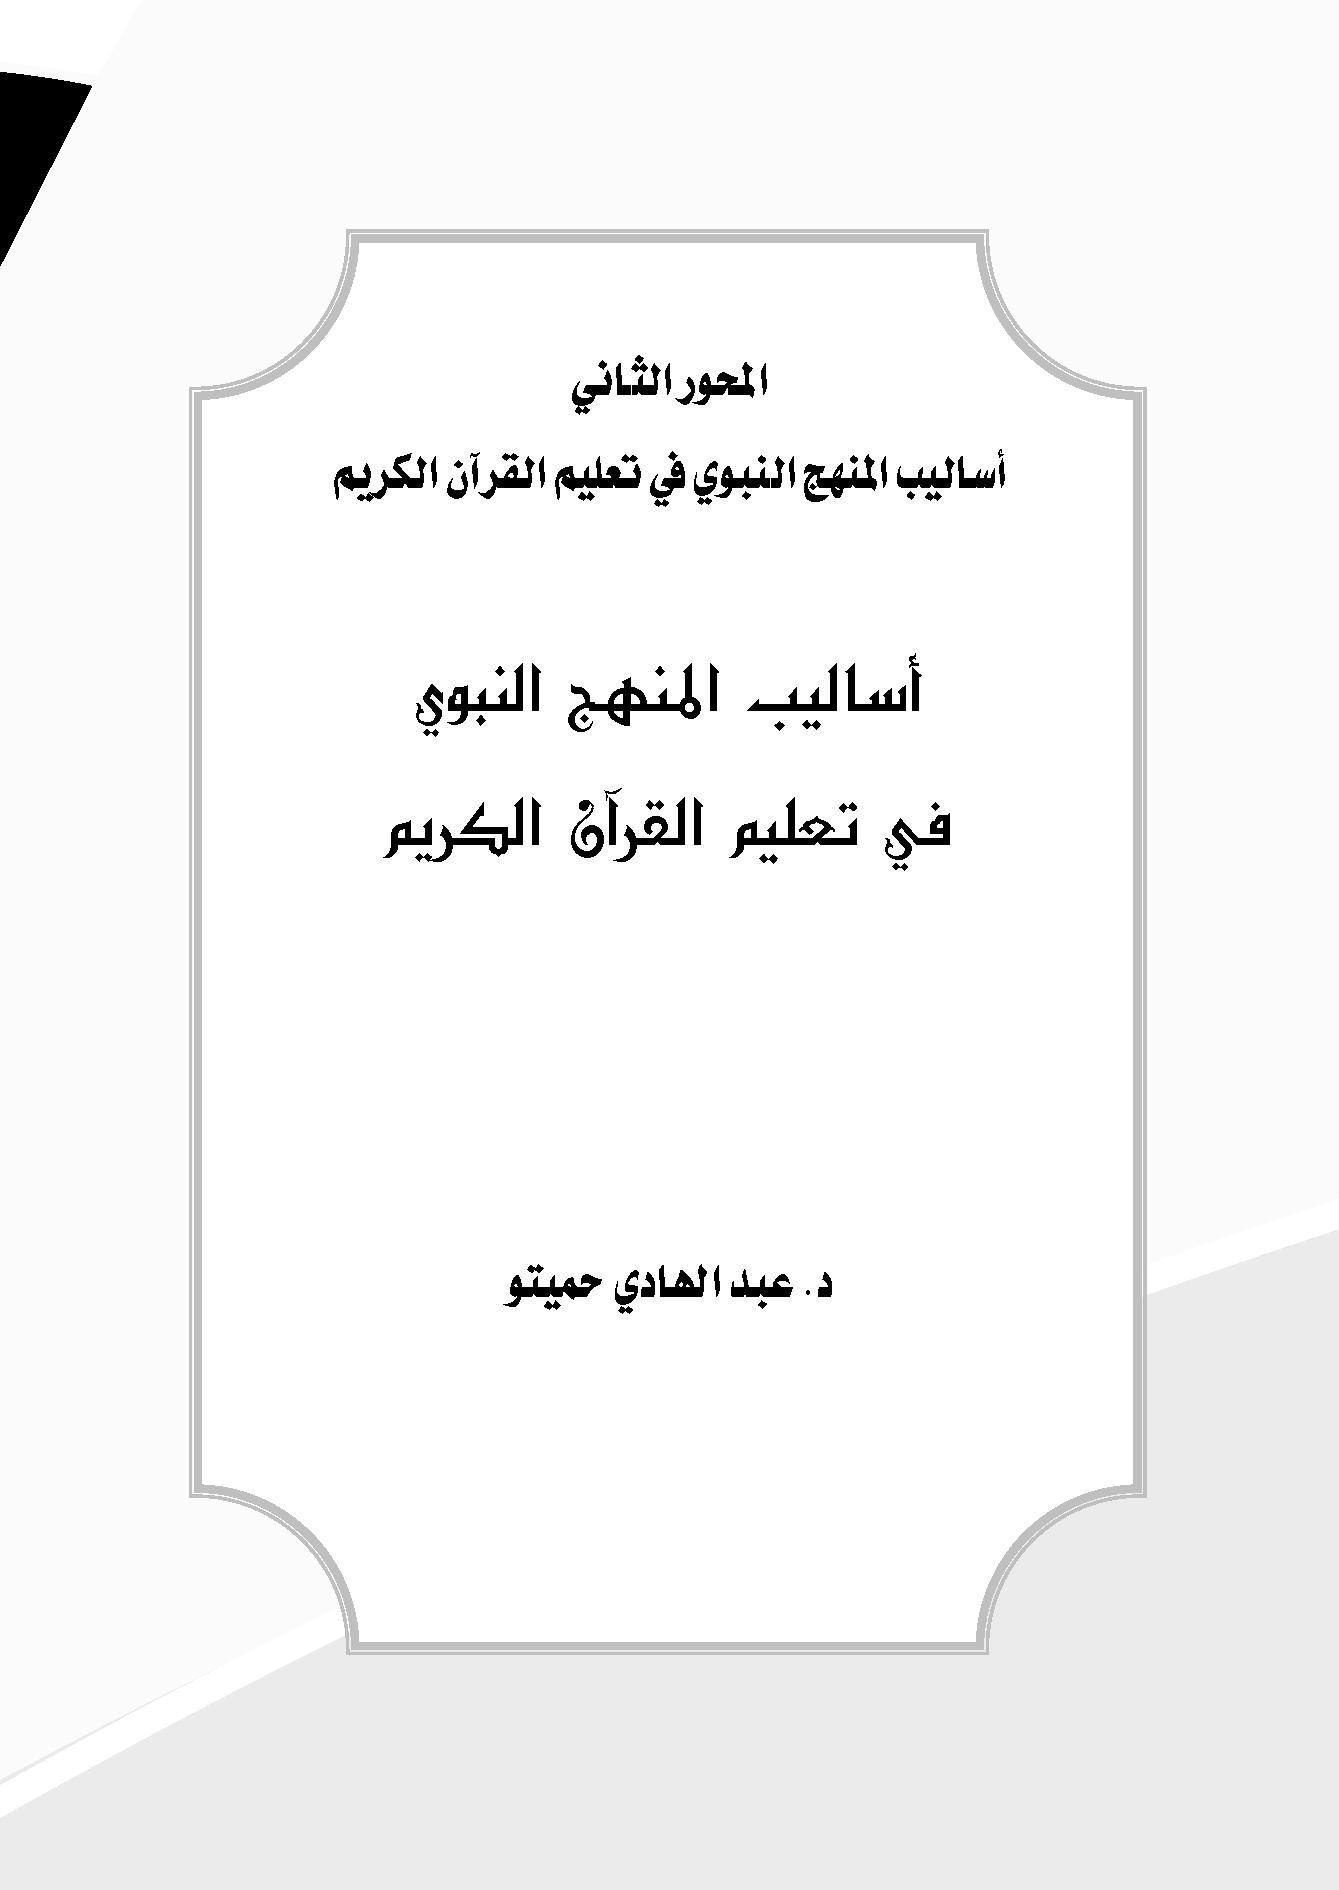 تحميل كتاب أساليب المنهج النبوي في تعليم القرآن الكريم لـِ: الدكتور عبد الهادي بن عبد الله بن إبراهيم بن عبد الله حميتو